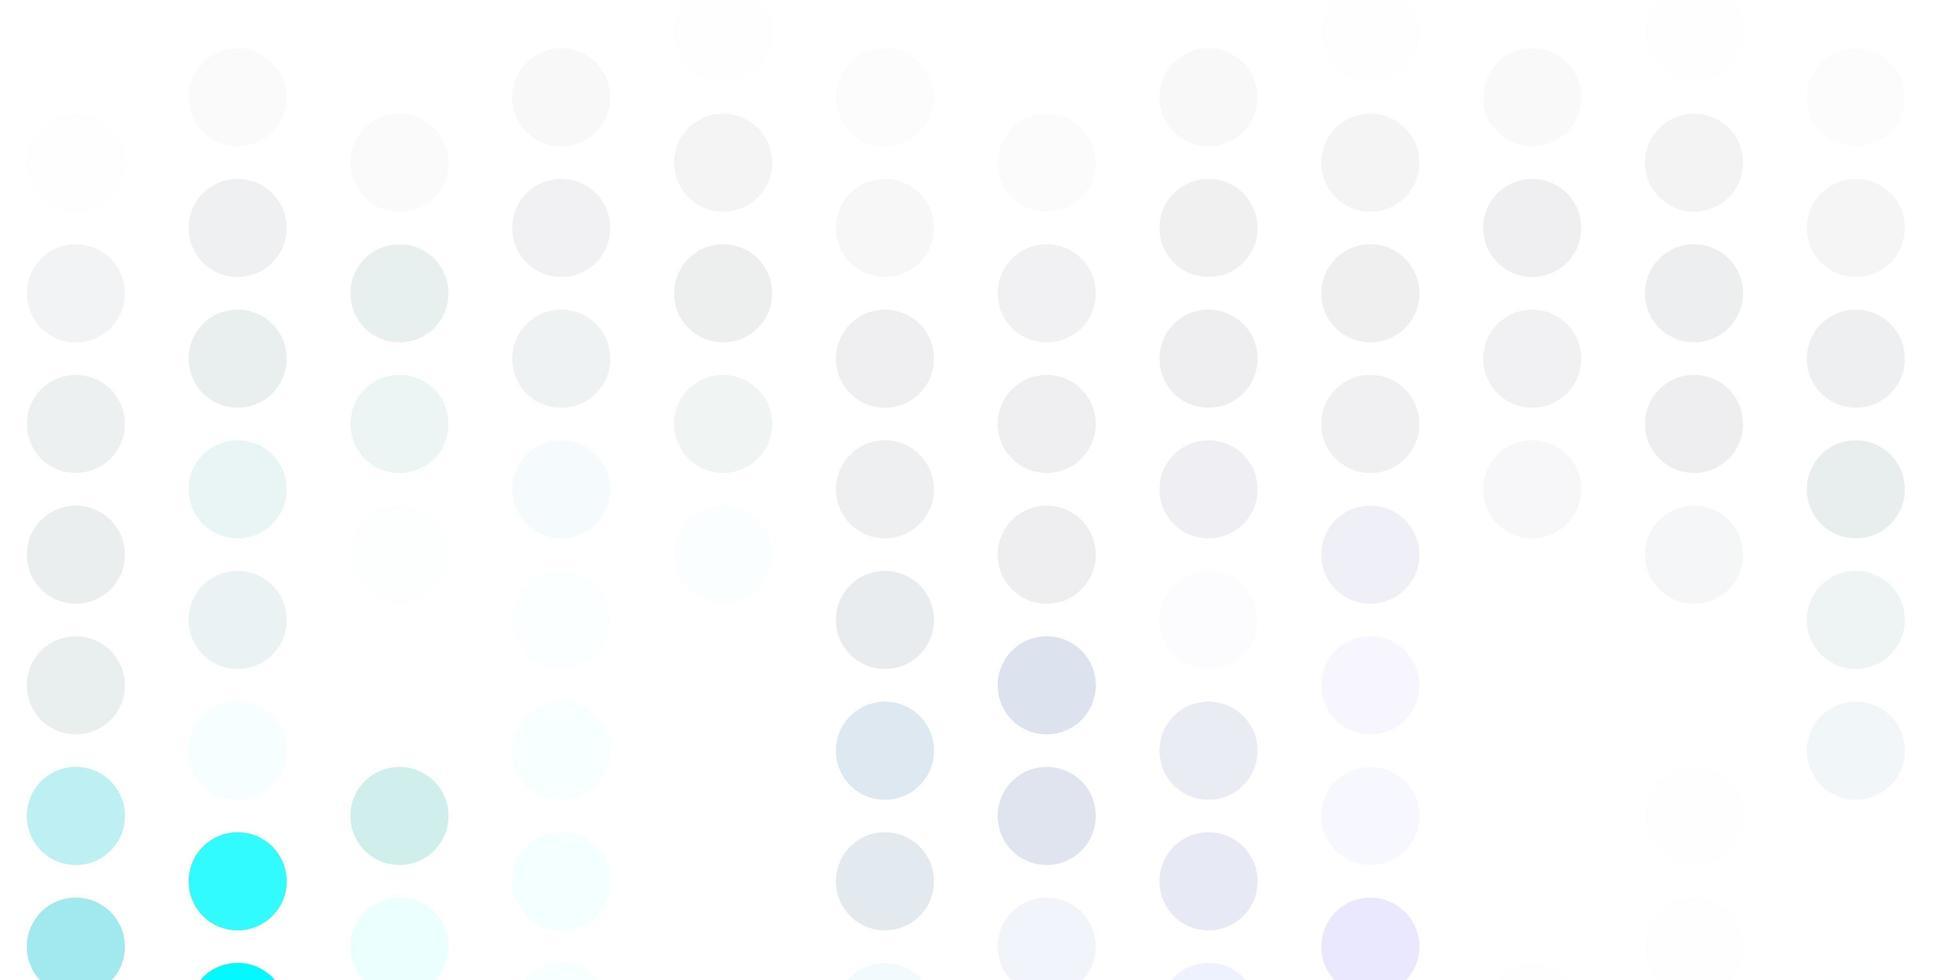 ljusrosa, blå vektorlayout med cirkelformer vektor